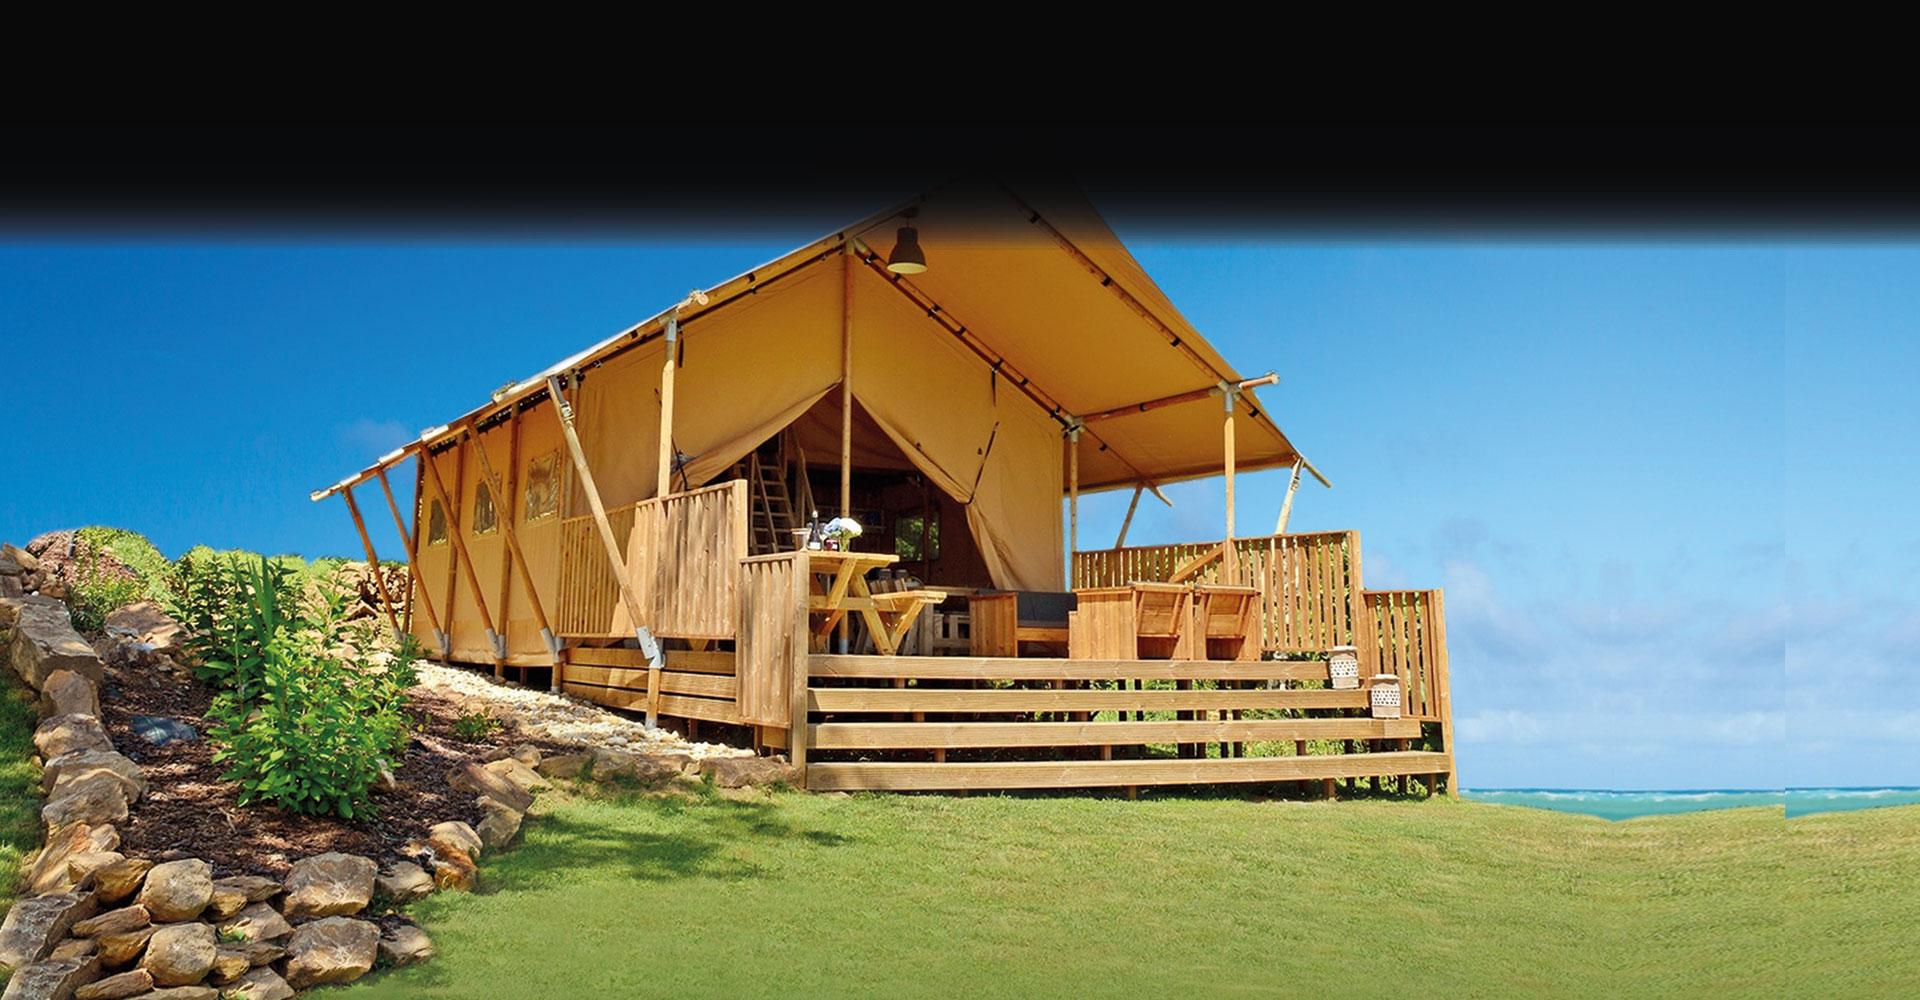 Safari tents on the Isle of Wight